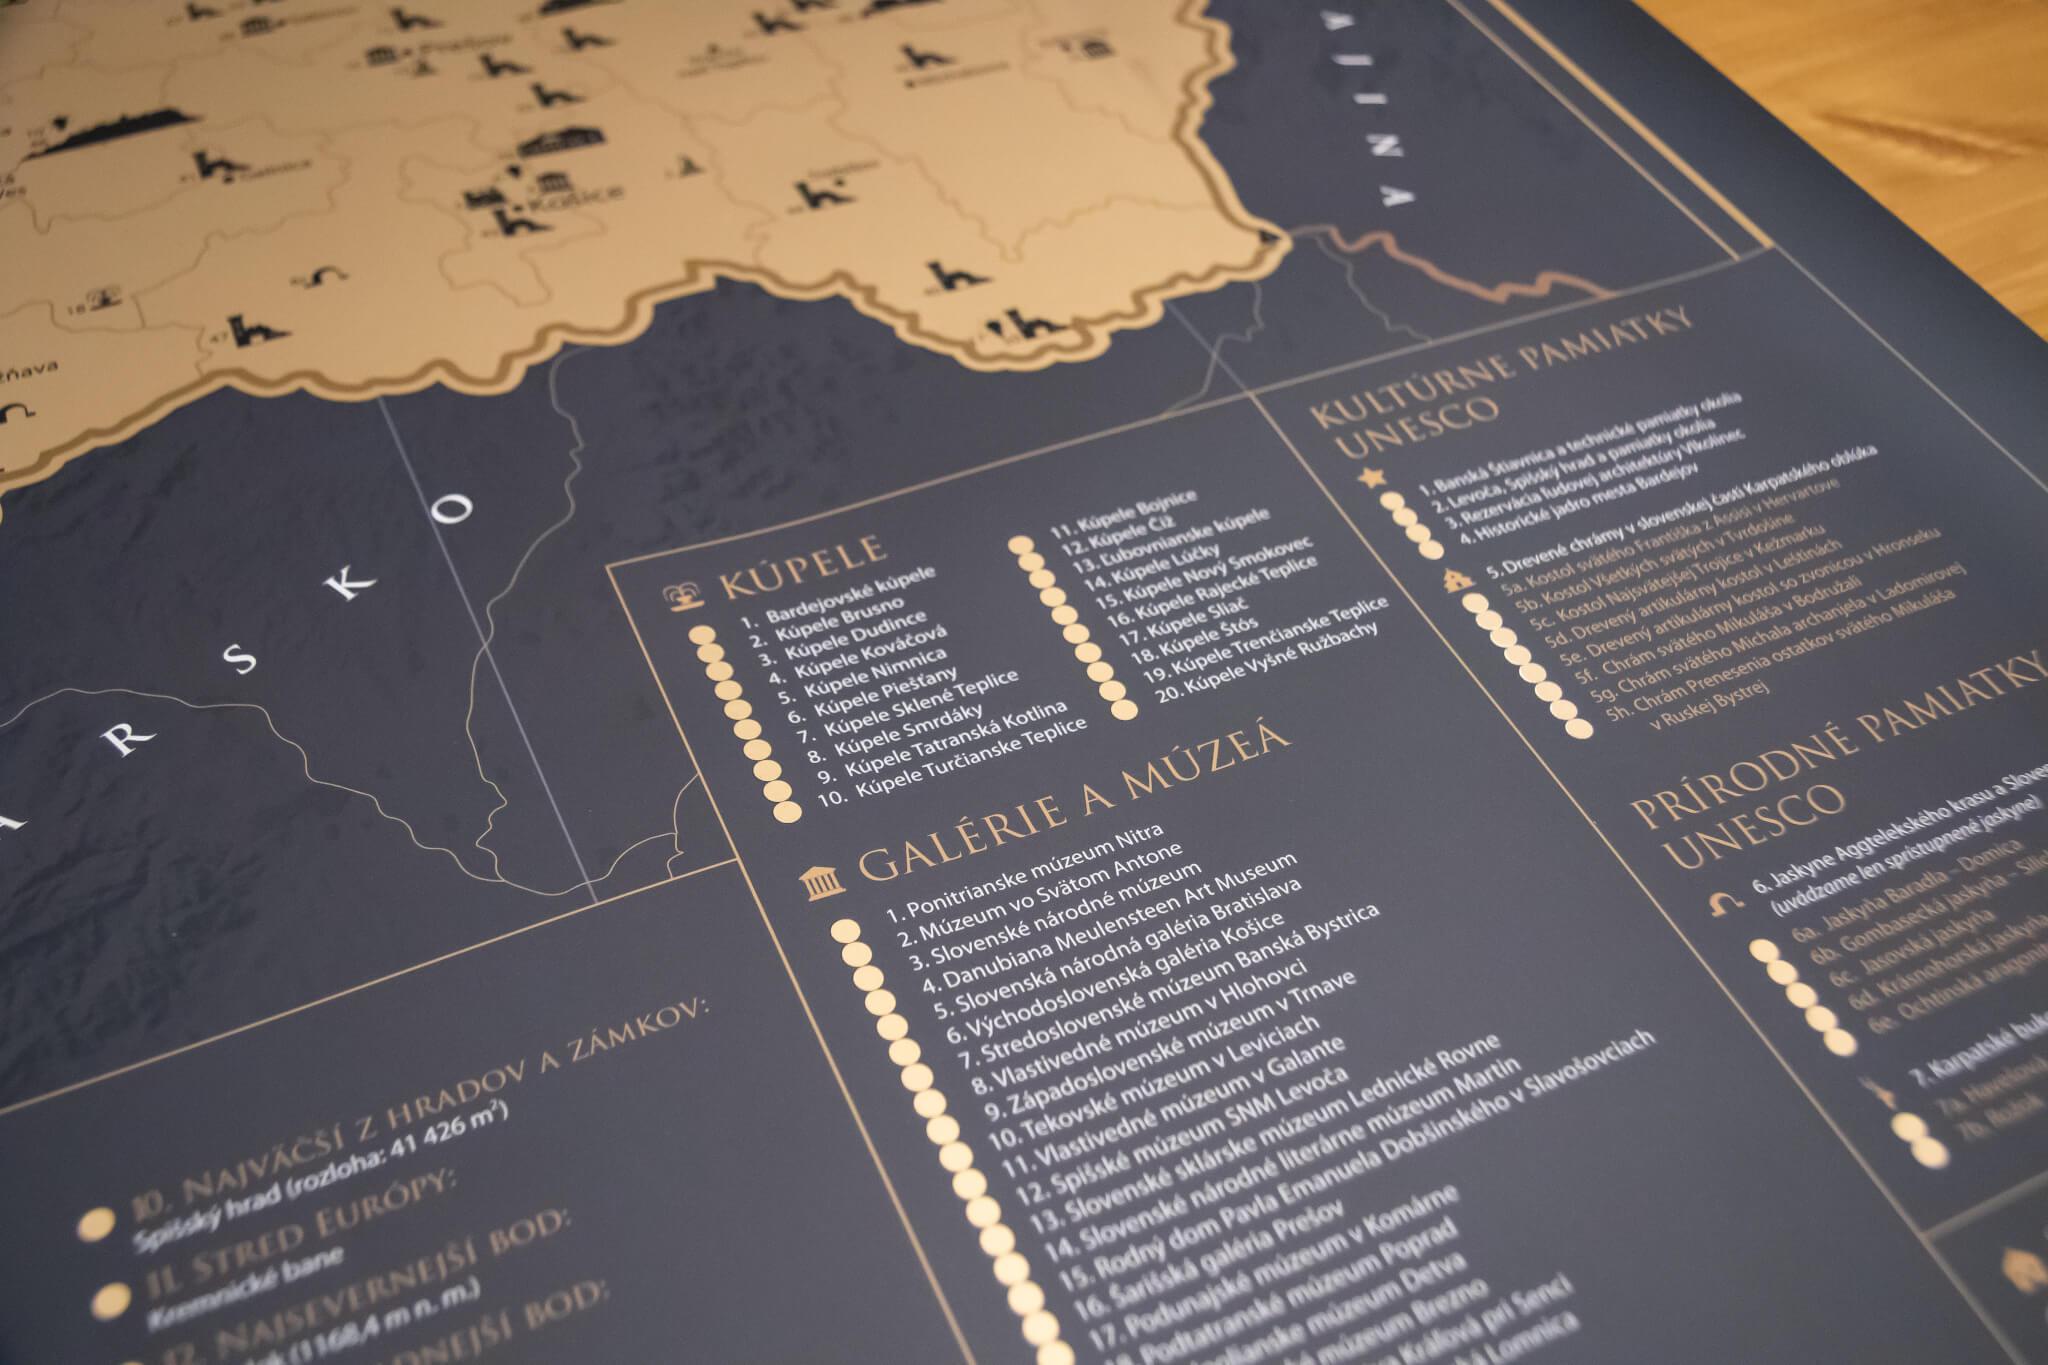 Mapa para raspar de Eslovaquia - Detalle de las secciones